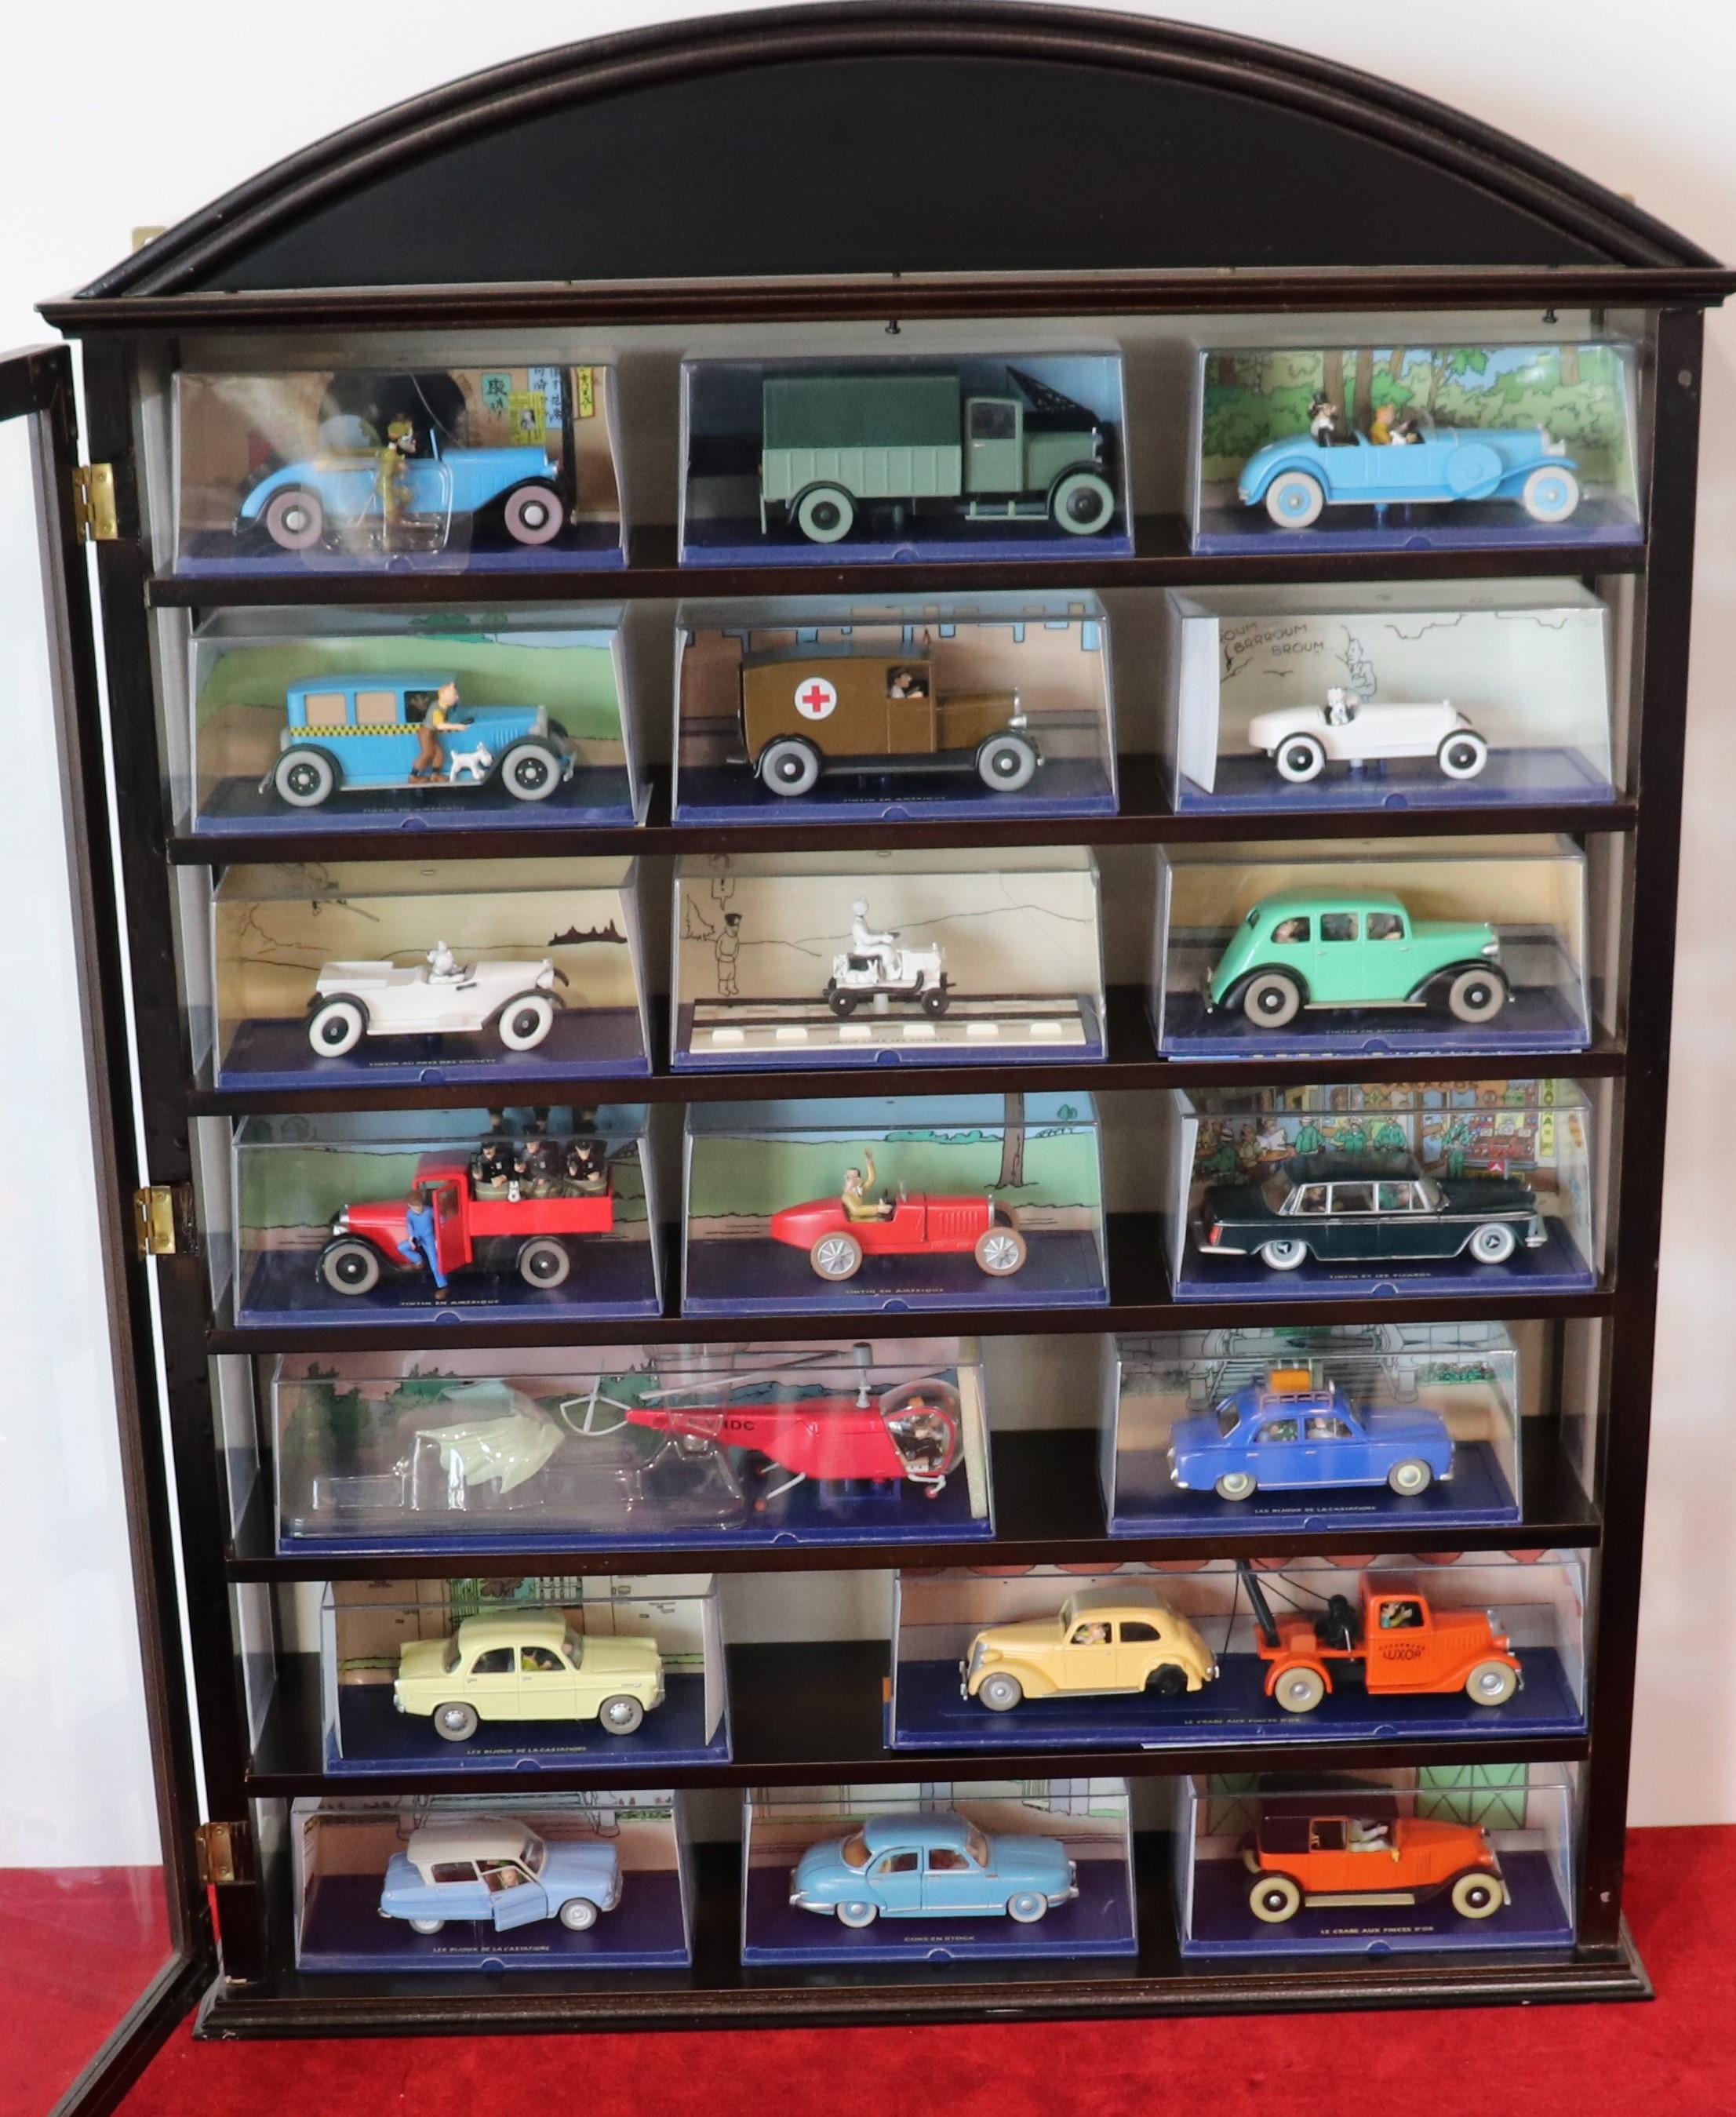 Vente Modélisme Ferroviaire, Véhicules Miniatures, Jouets Vintages, Drone, Cartes Magic chez T.G.G.V Enchères : 71 lots